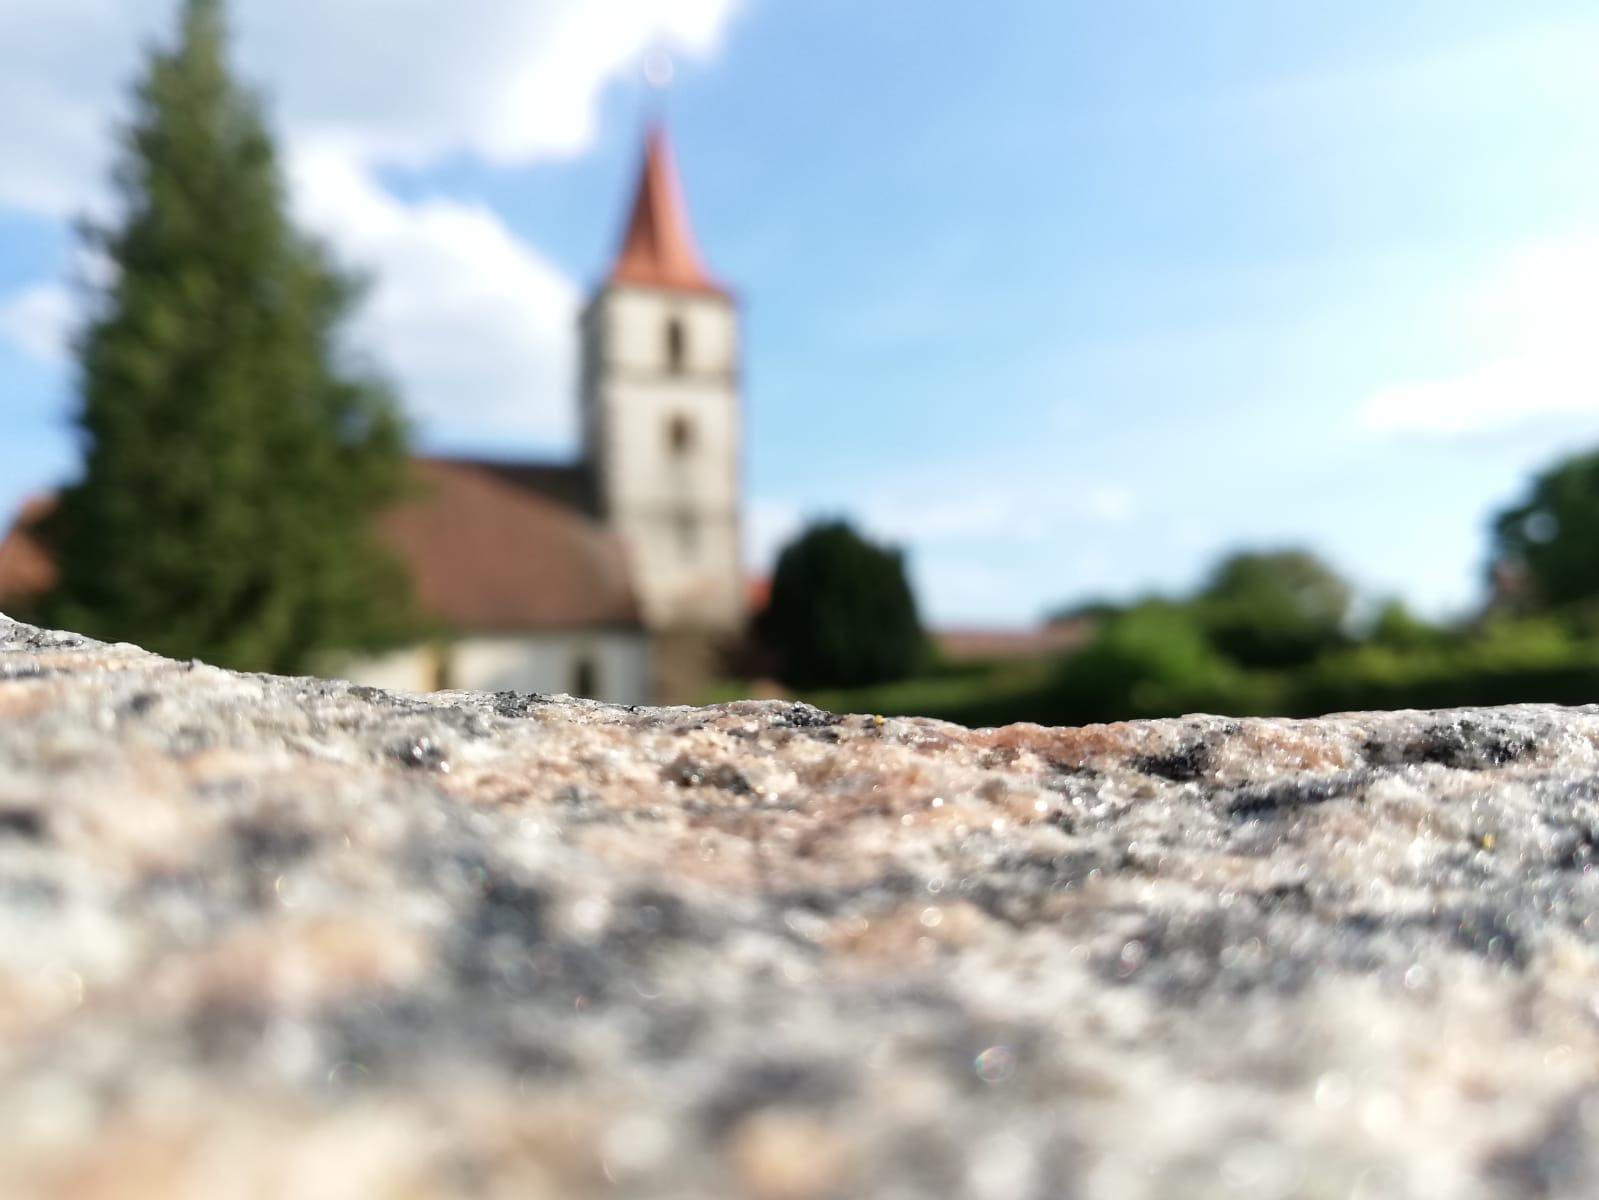 #KircheZuhause - Video vom Gottesdienst am 17.01.2021 in Steinach / Ens